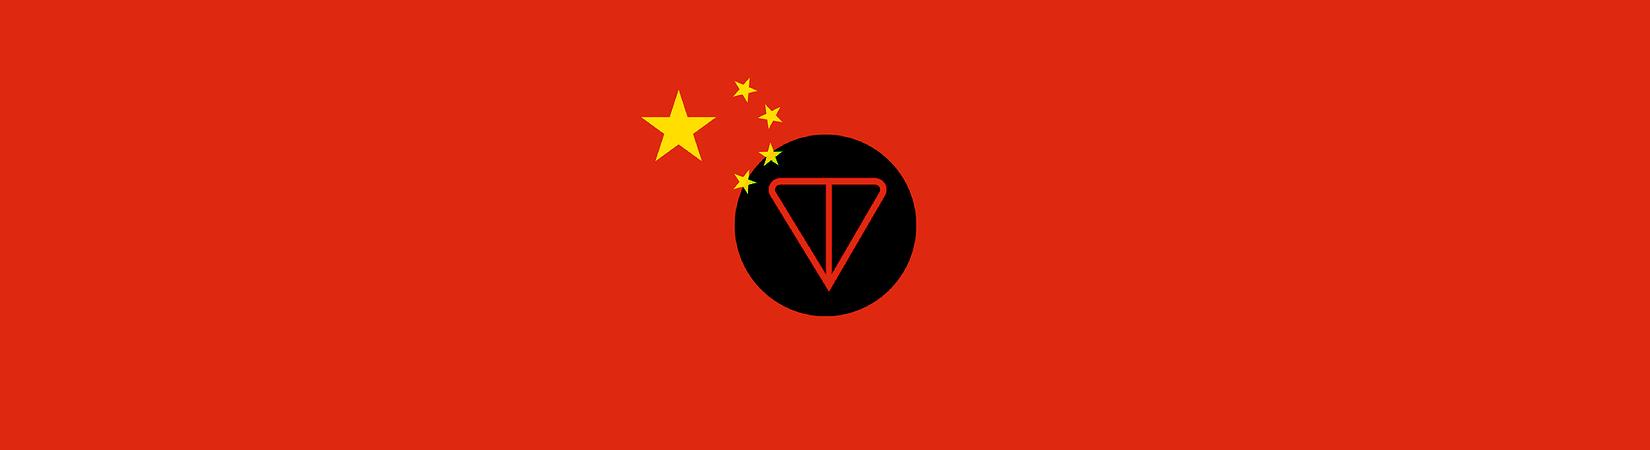 مجتمع TON الصيني يطلق مشروع التيليجرام المهجور